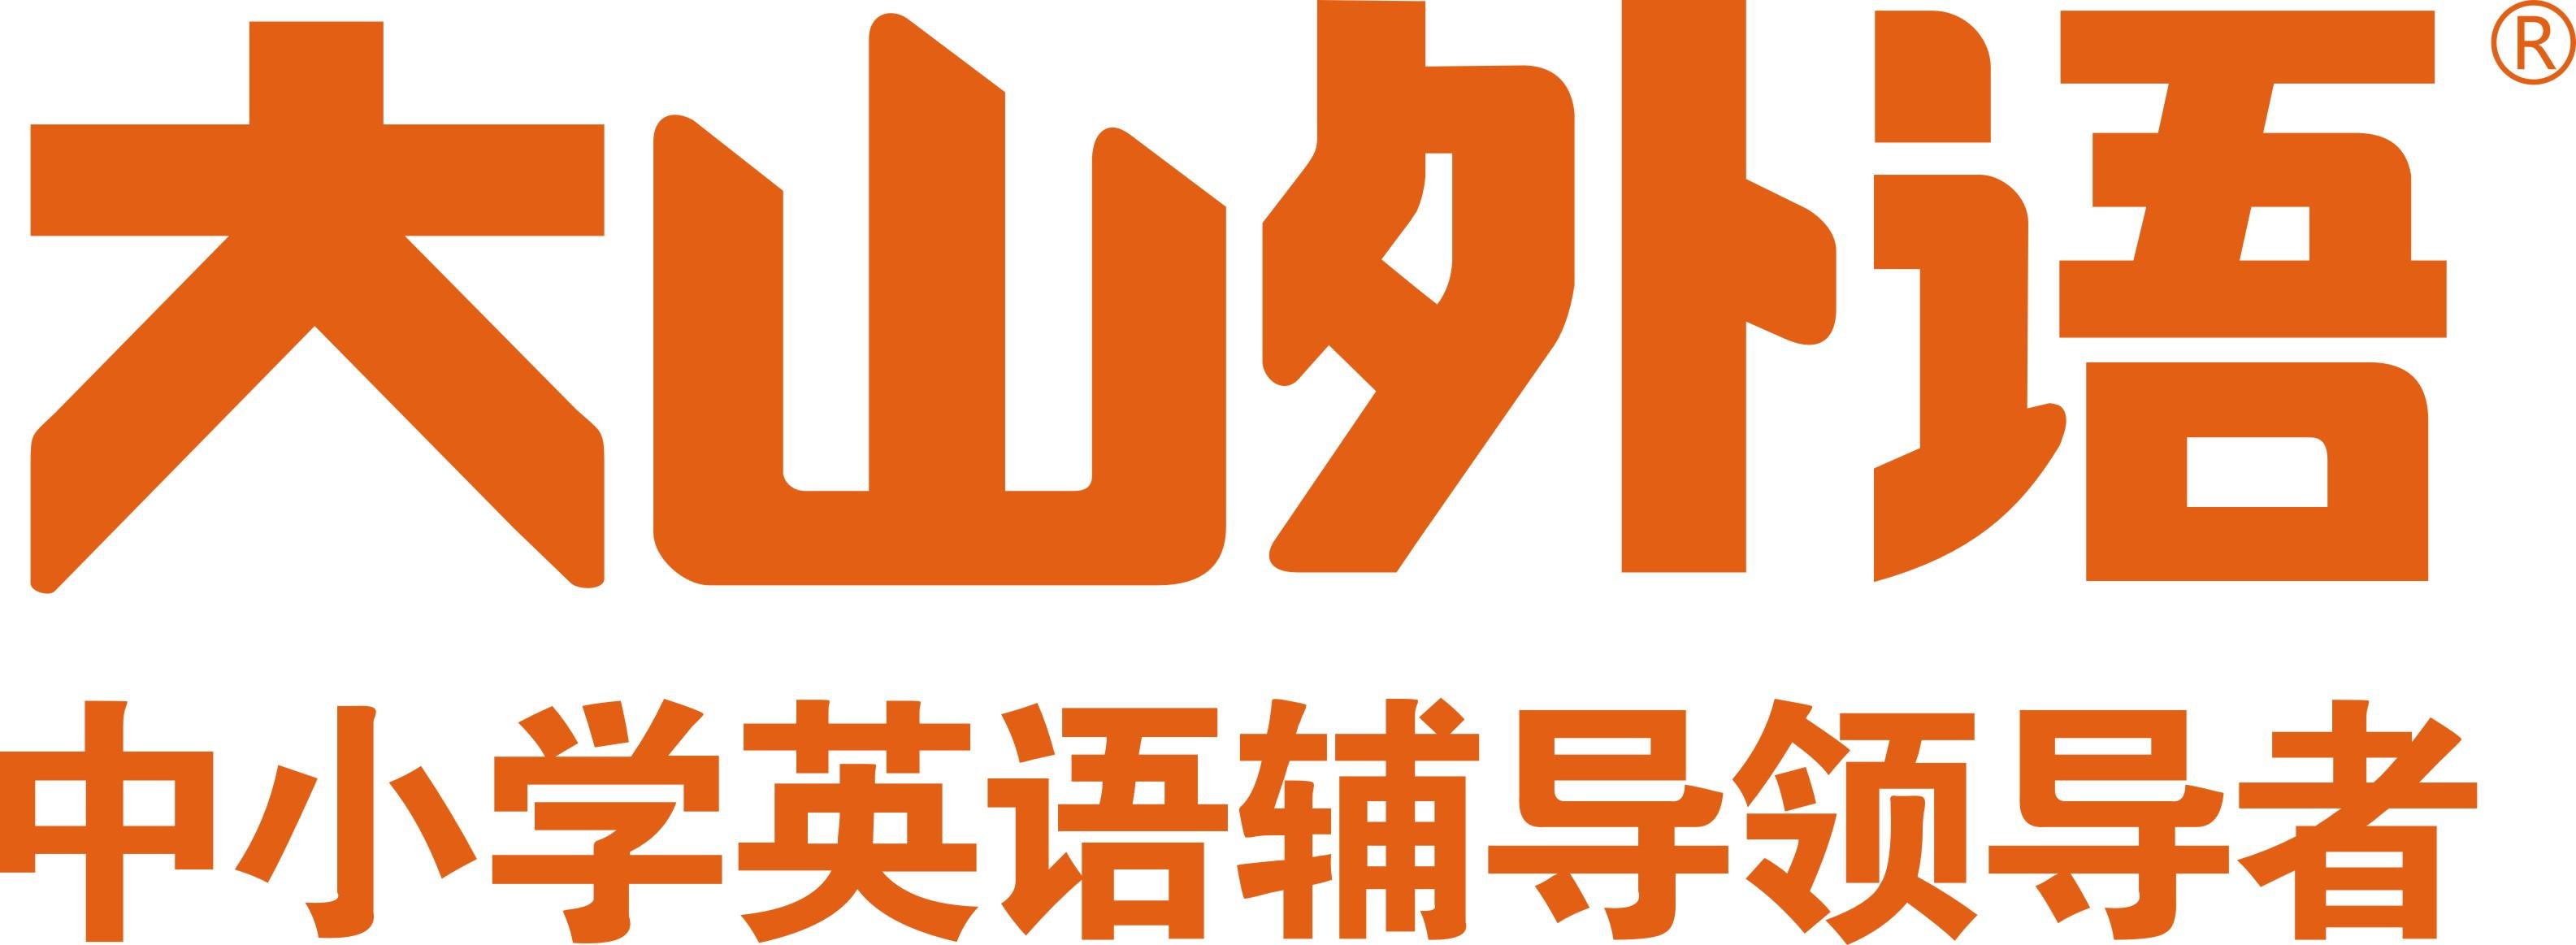 大山外语教育加盟